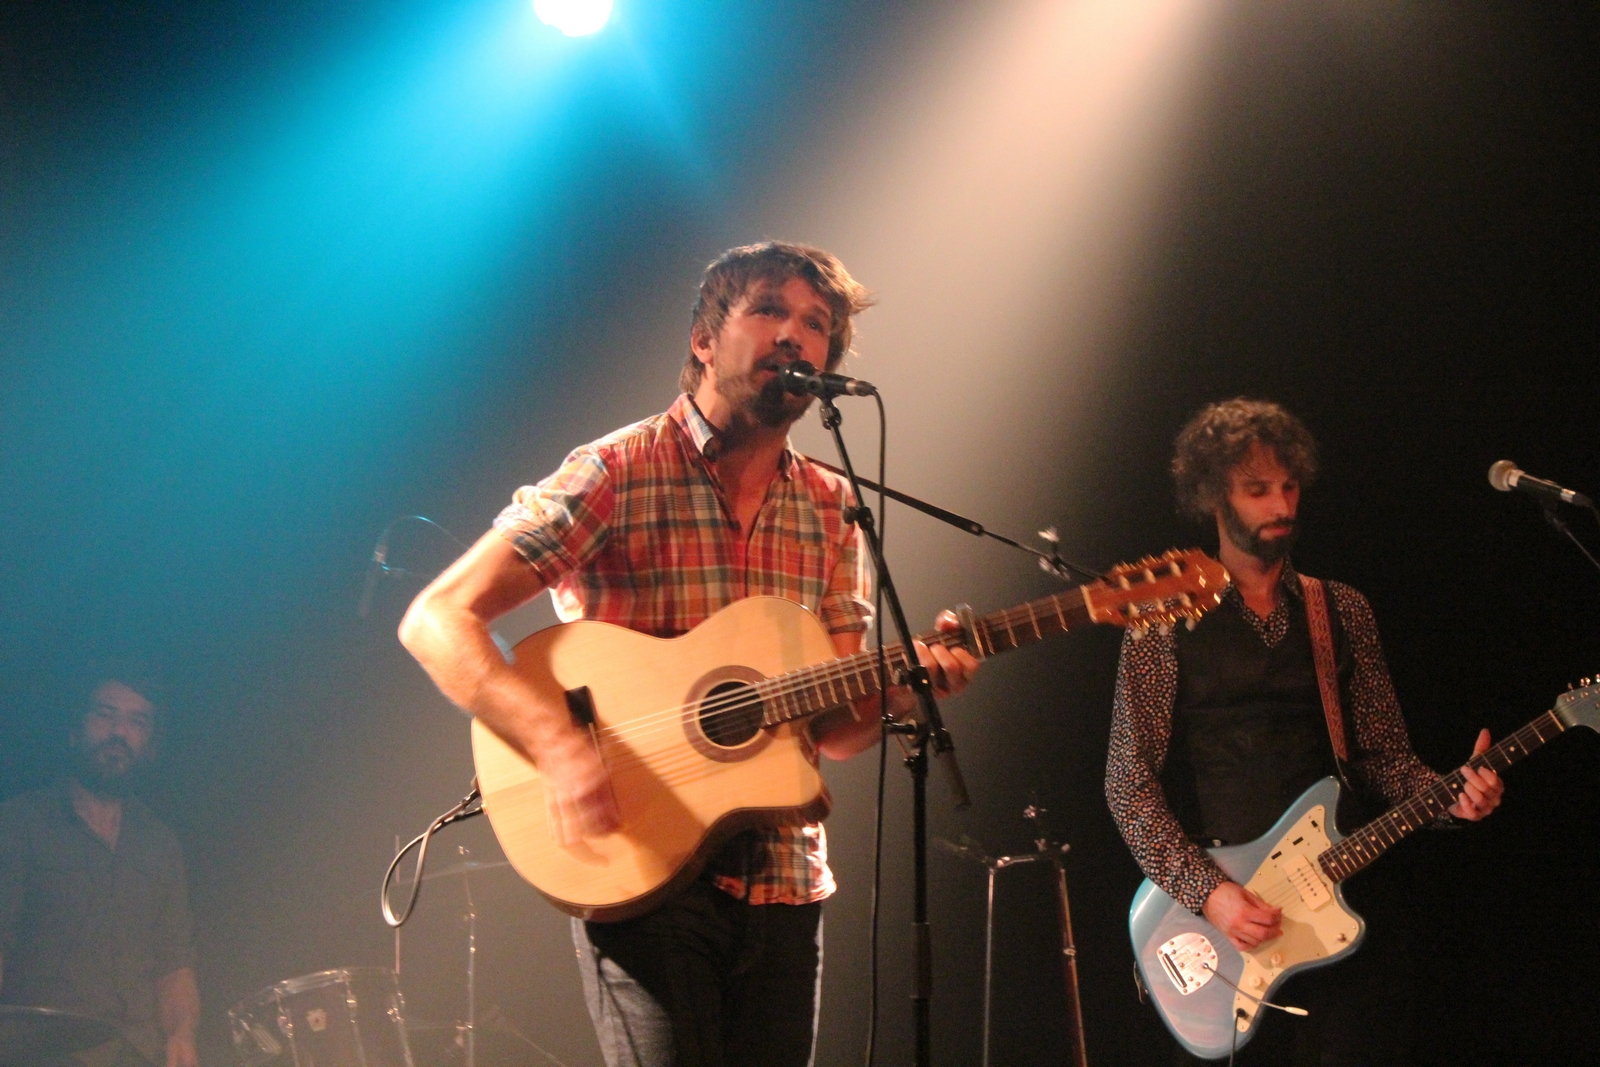 En concert à Aix-En-Provence, dans le cadre du Festival de la Chanson Française, le 10 octobre 2014. ©AL